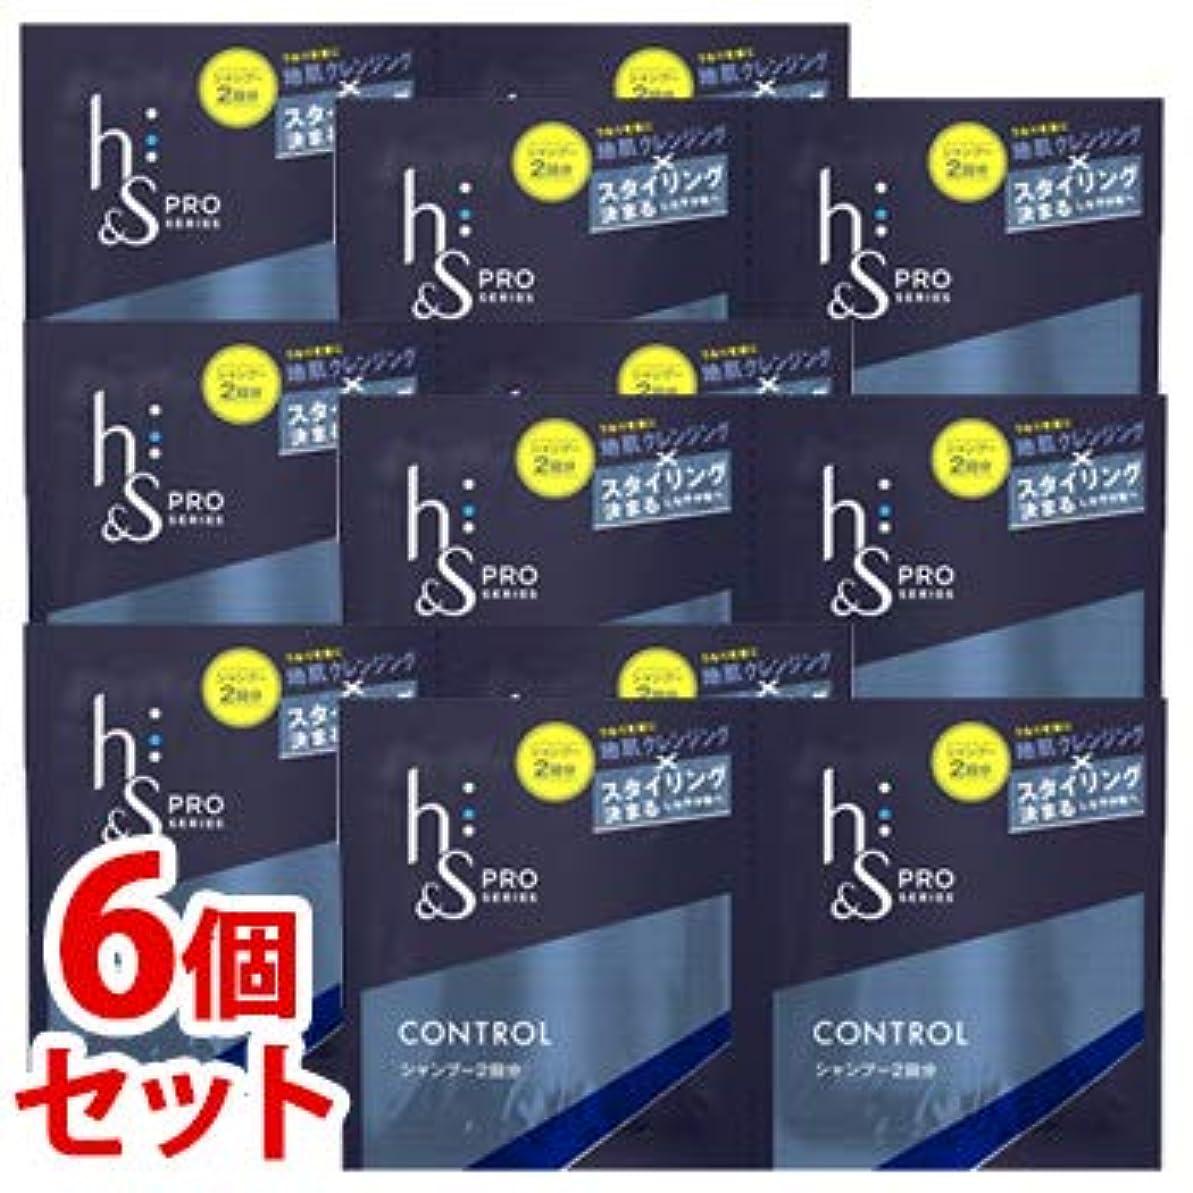 スラック多年生選出する《セット販売》 P&G エイチアンドエス h&s フォーメン プロシリーズ コントロール シャンプー トライアルサシェ 2回分 (12mL×2個)×6個セット 【医薬部外品】